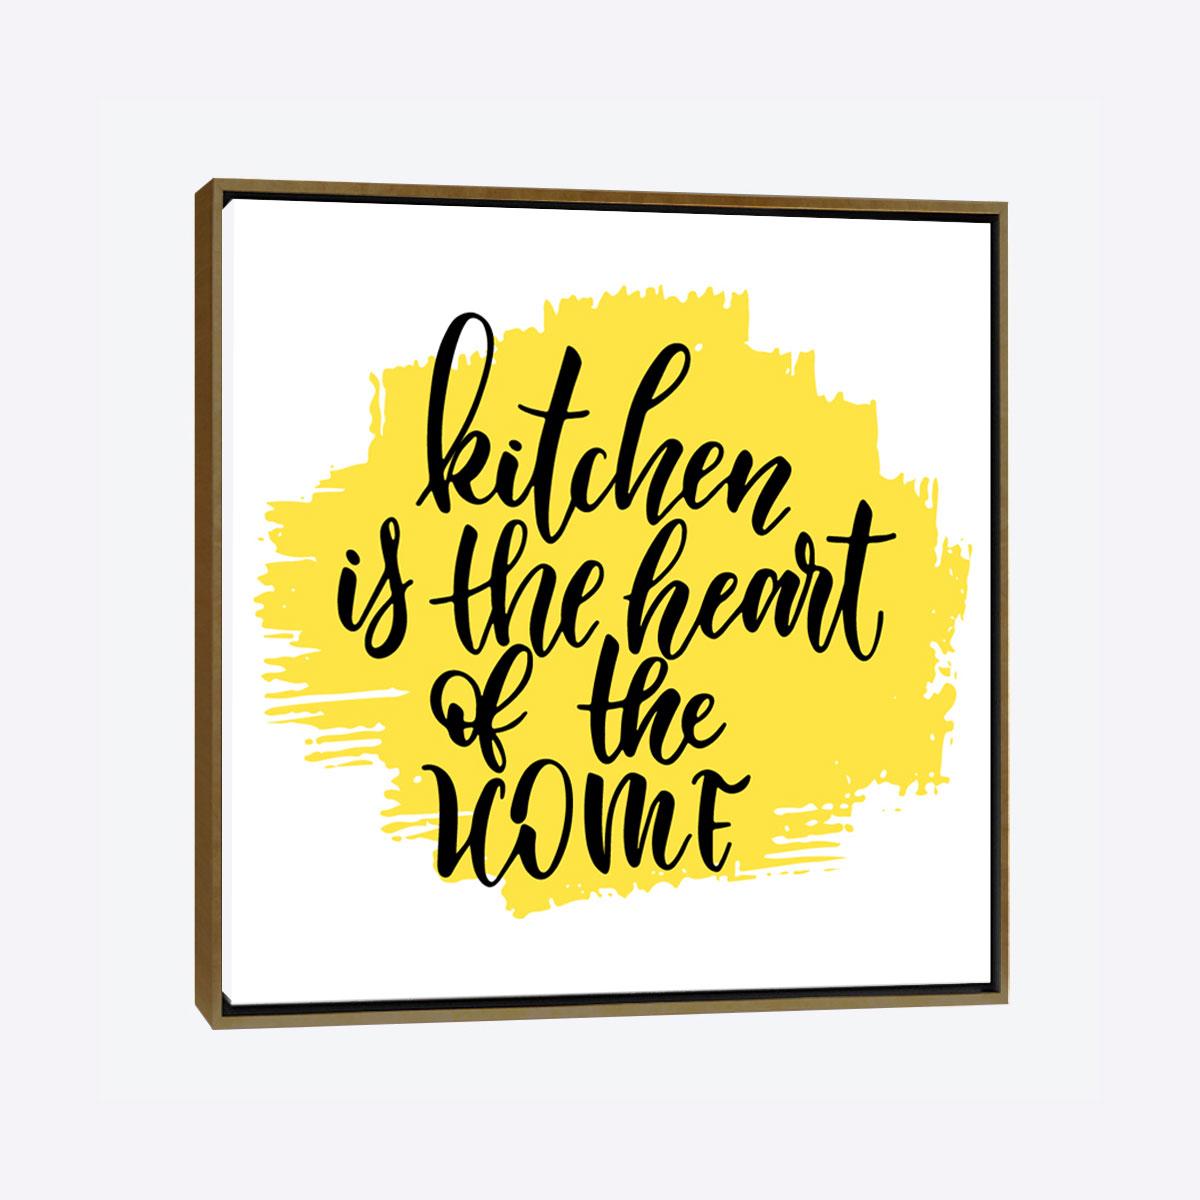 """لوحات جدارية - لوحة لجملة """" المطبخ هو قلب المنزل"""" باللون الأصفر - لوحة فنية جدارية لجملة المطبخ هو قلب المنزل , الصورة مصممة باللون الاصفر الذي يتناسب مع المطابخ الانيقة"""